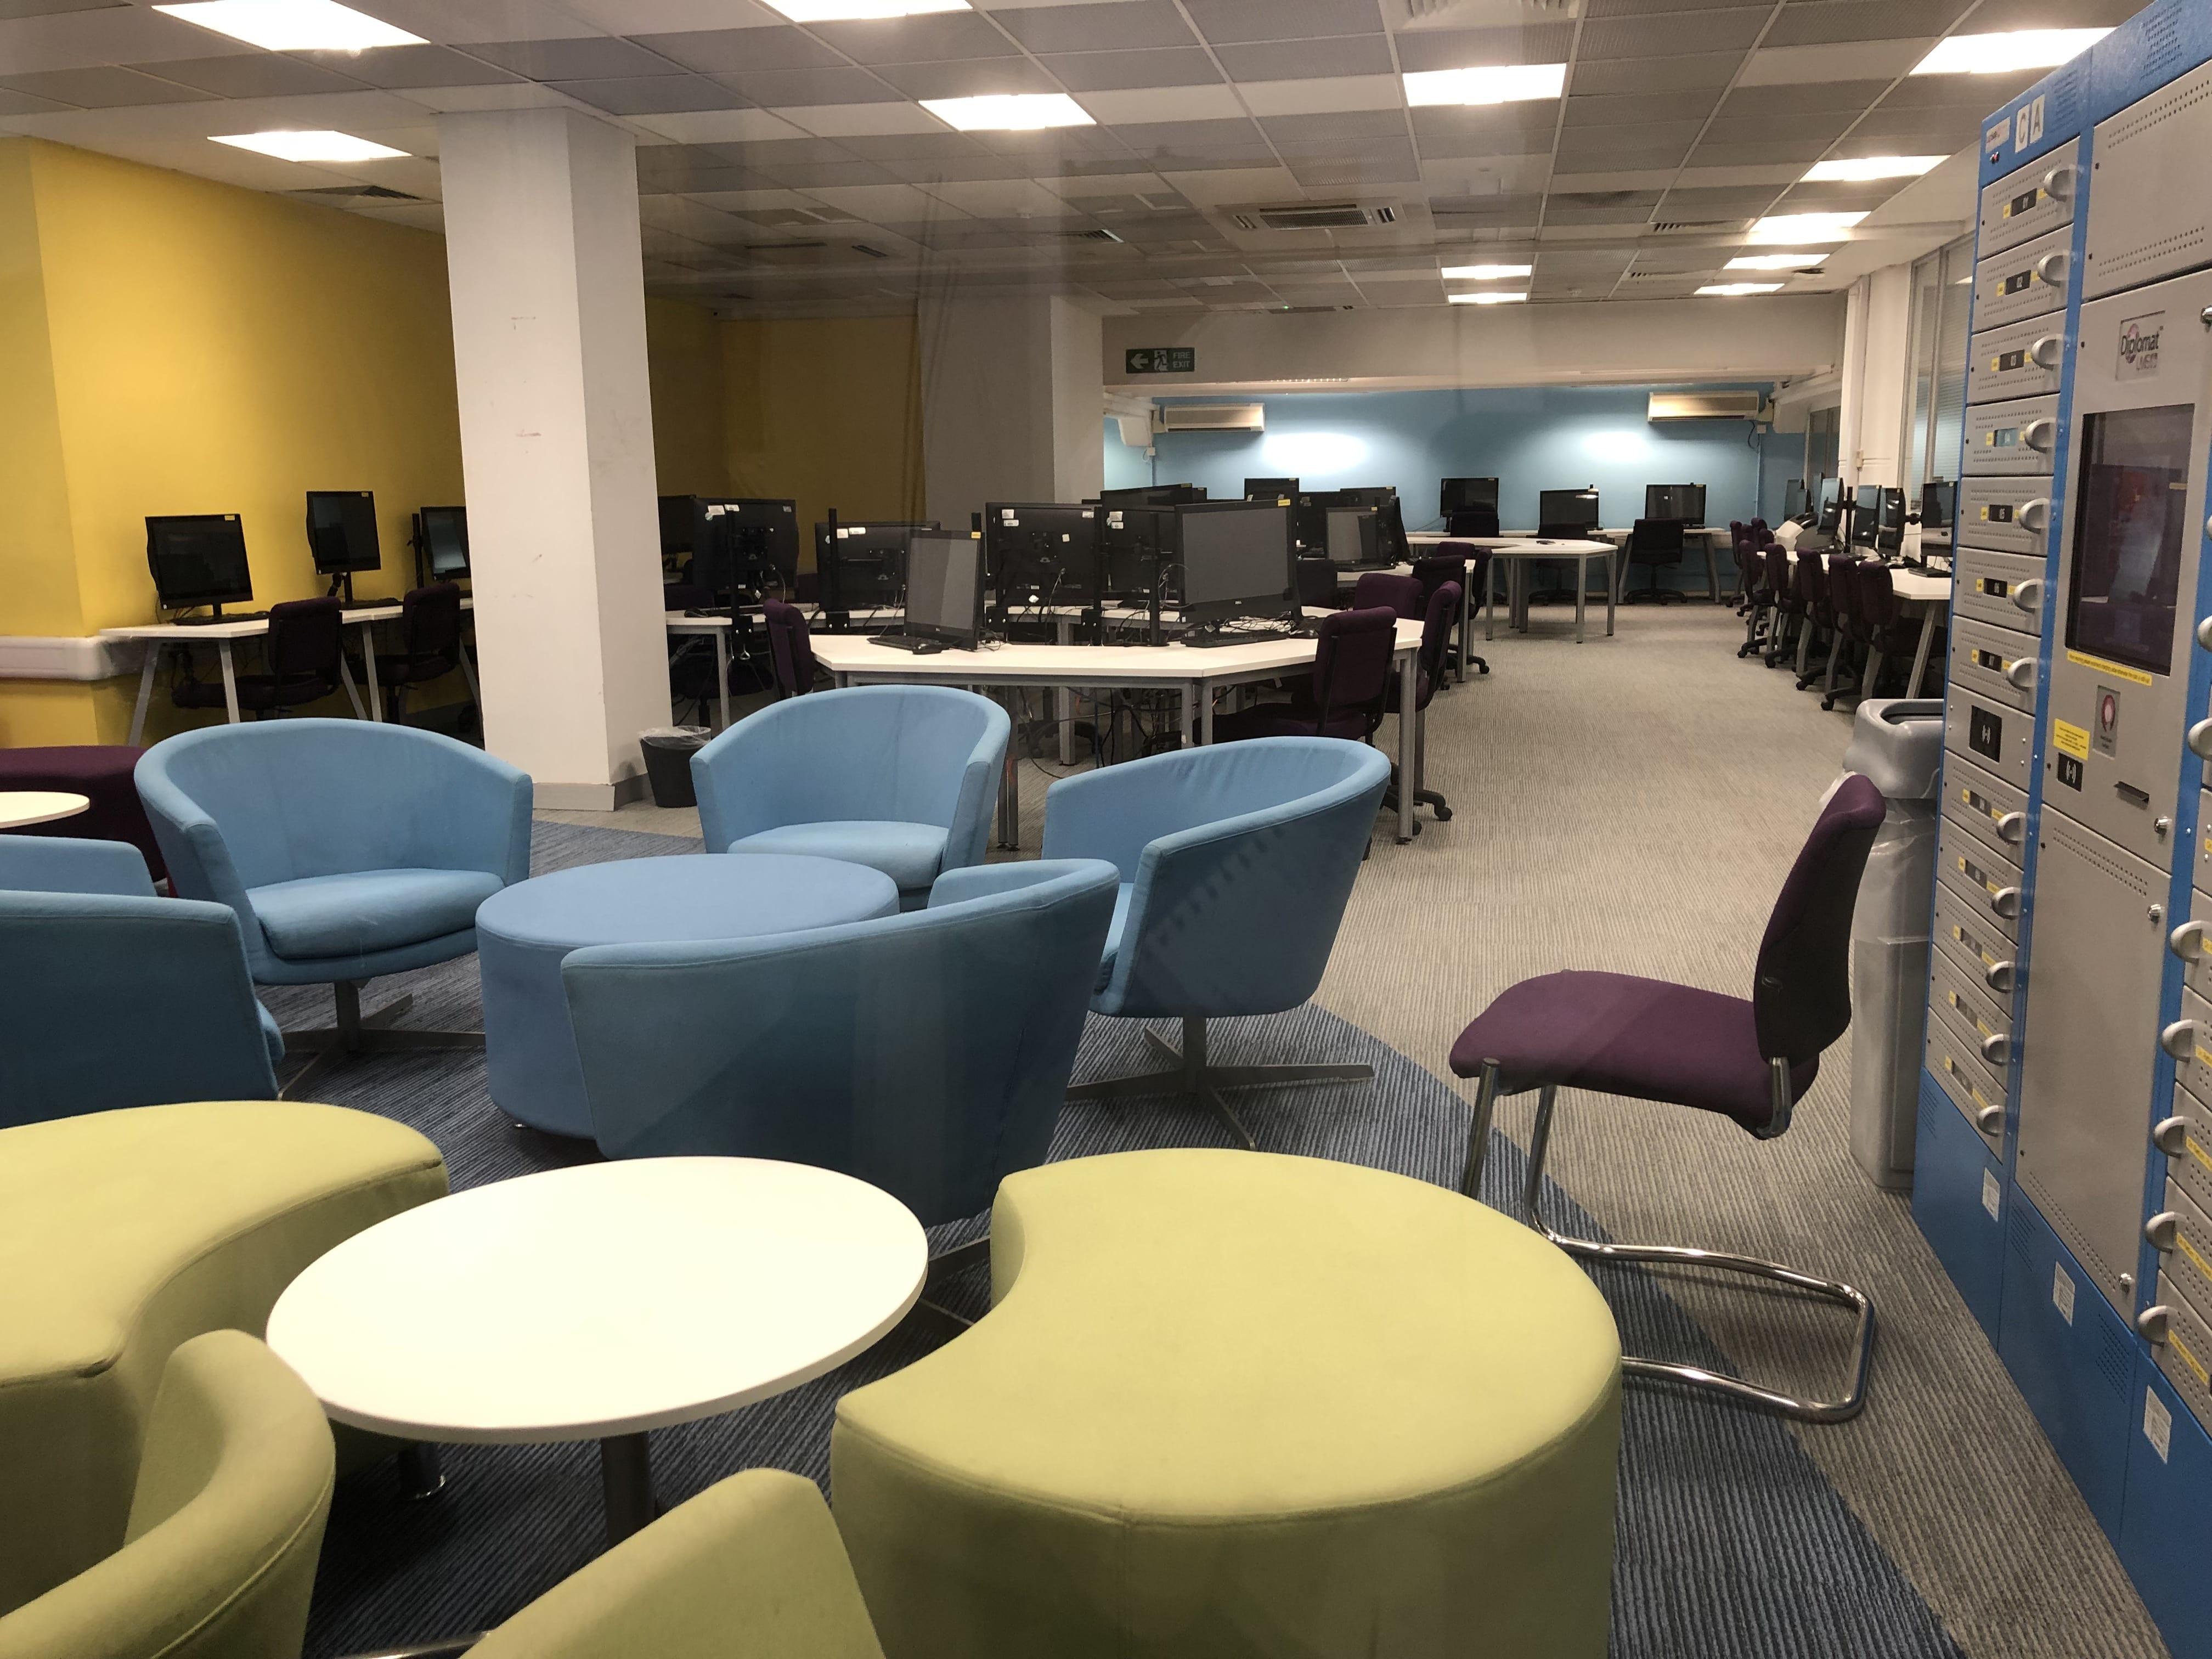 U of Westminster--Computer Lab + Laptop Rental Station